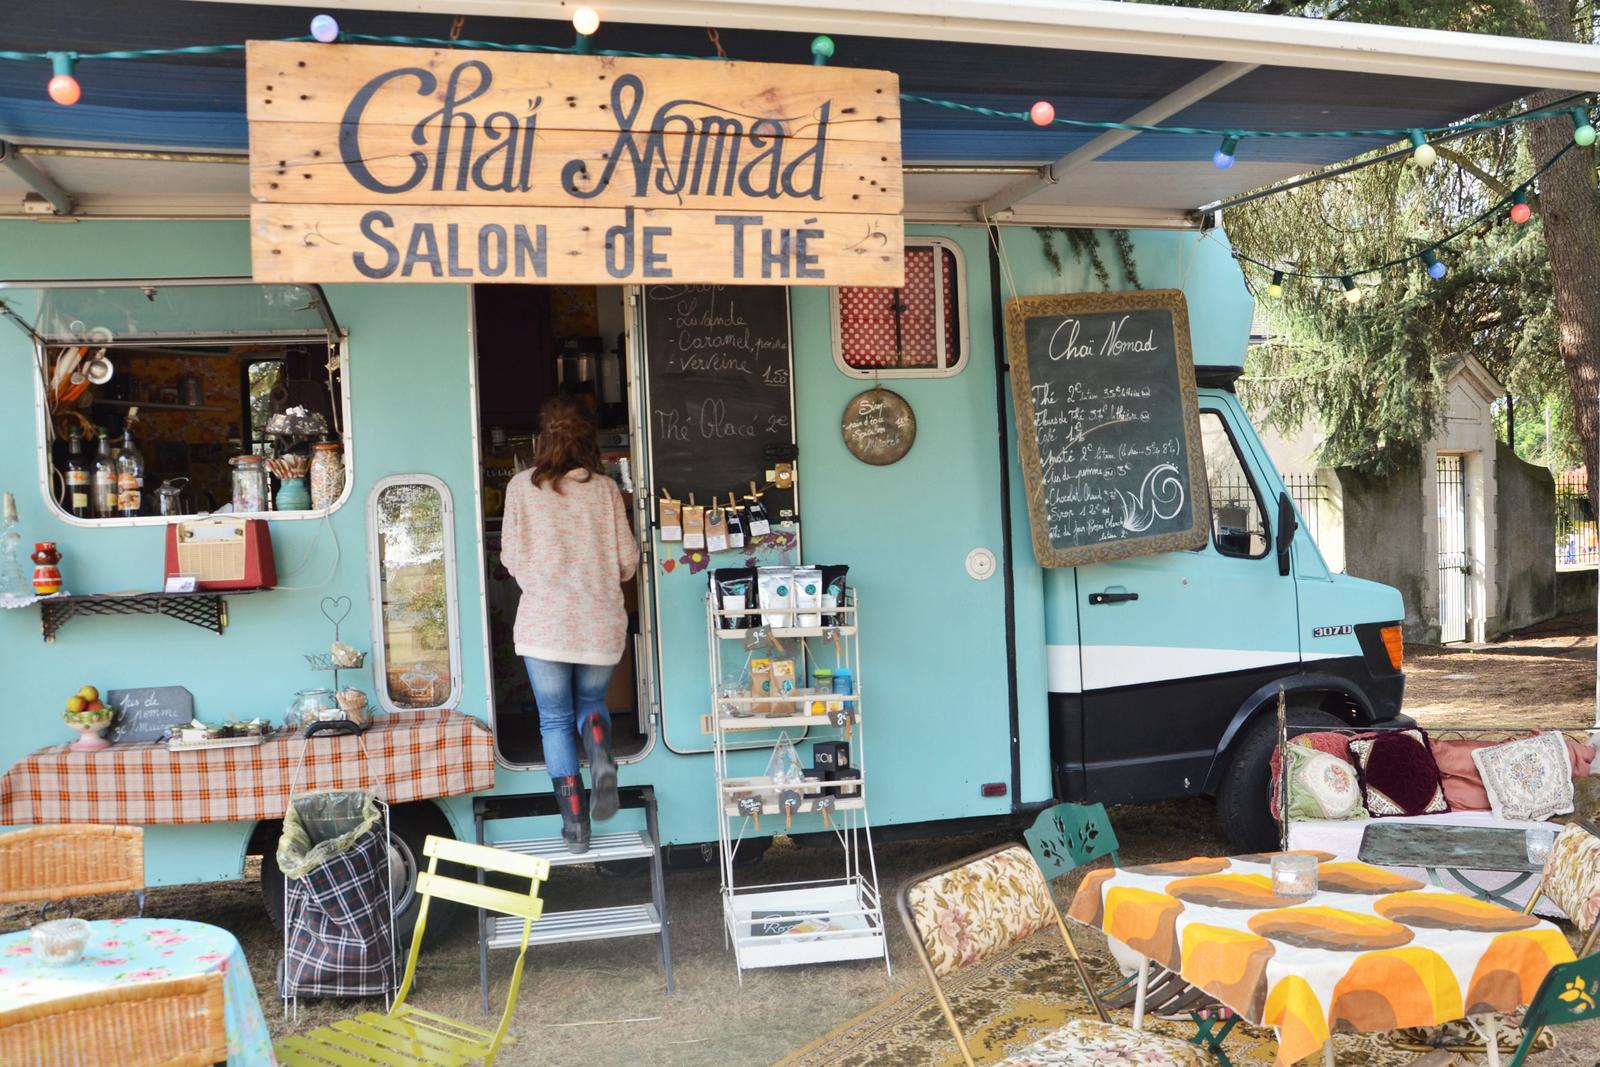 cha nomad le food truck salon de th les capricieuses